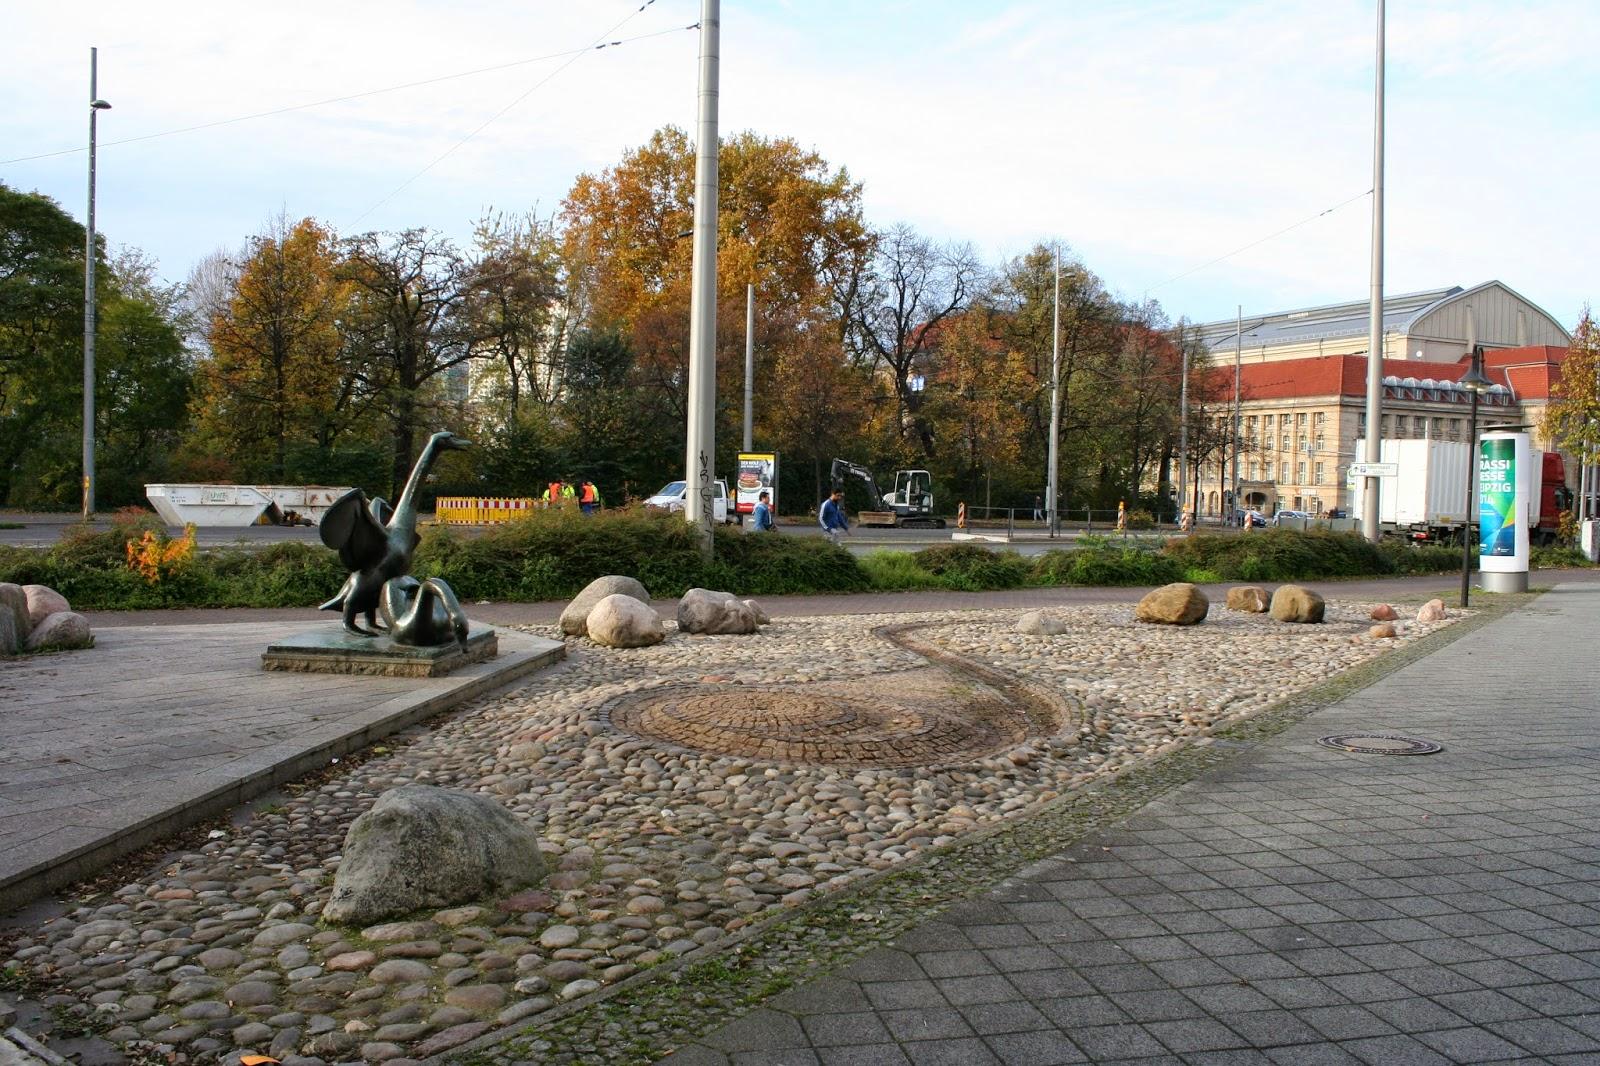 Schwanenbrunnen ohne Wasser - im Hintergrund der Hauptbahnhof